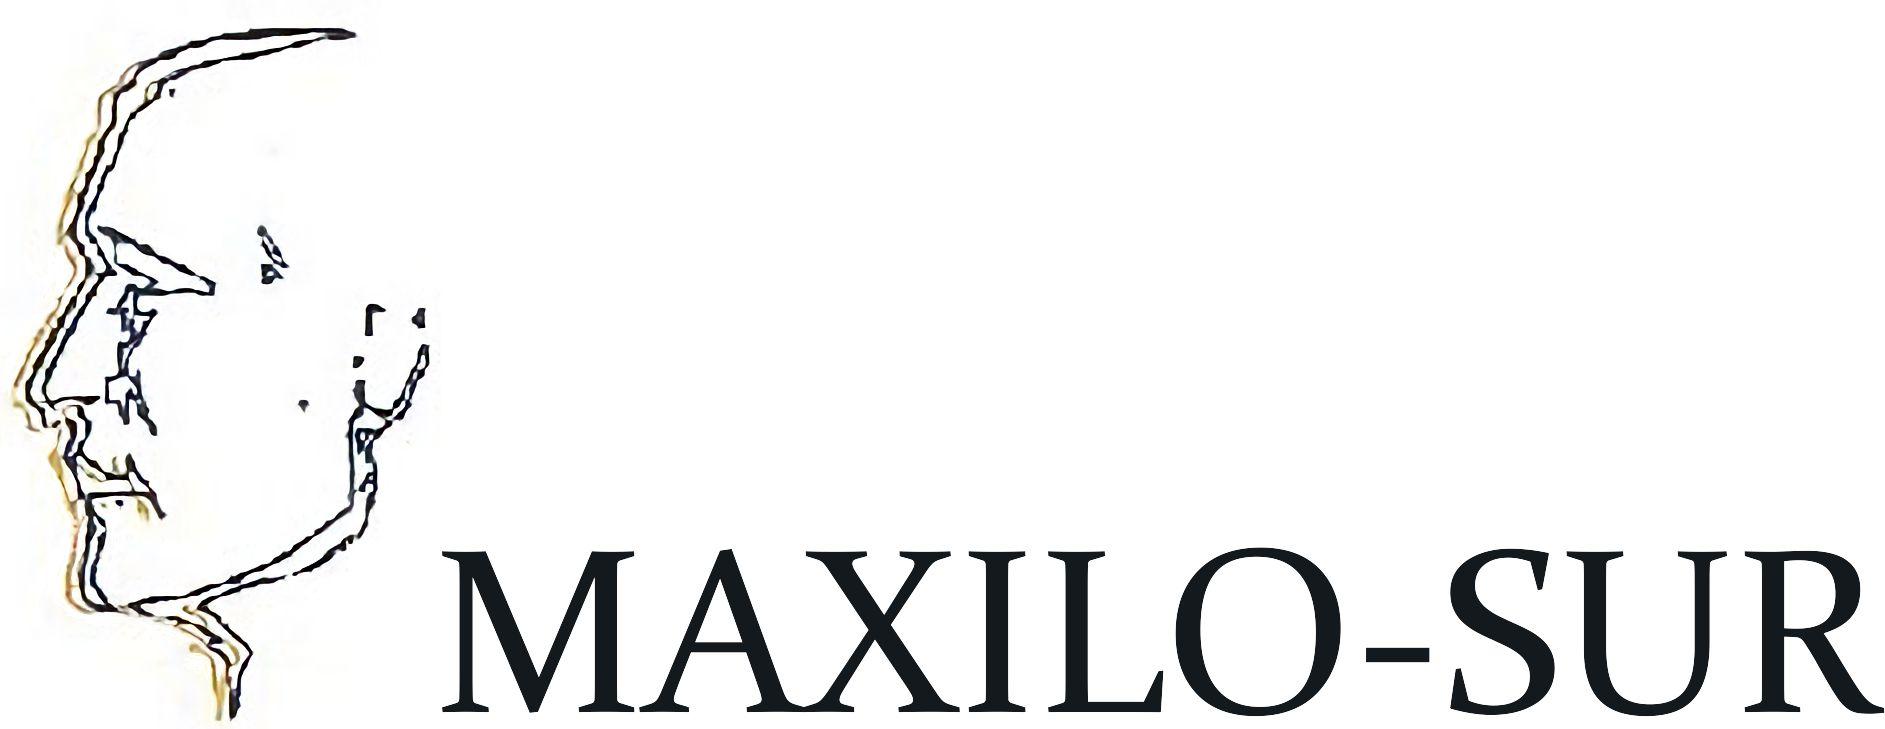 MAXILOSUR